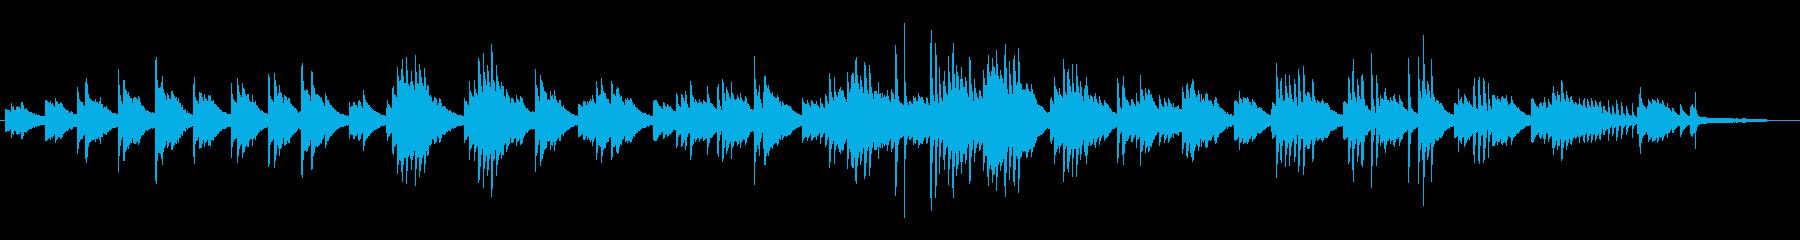 CM BGMに 静寂 癒しのピアノソロの再生済みの波形